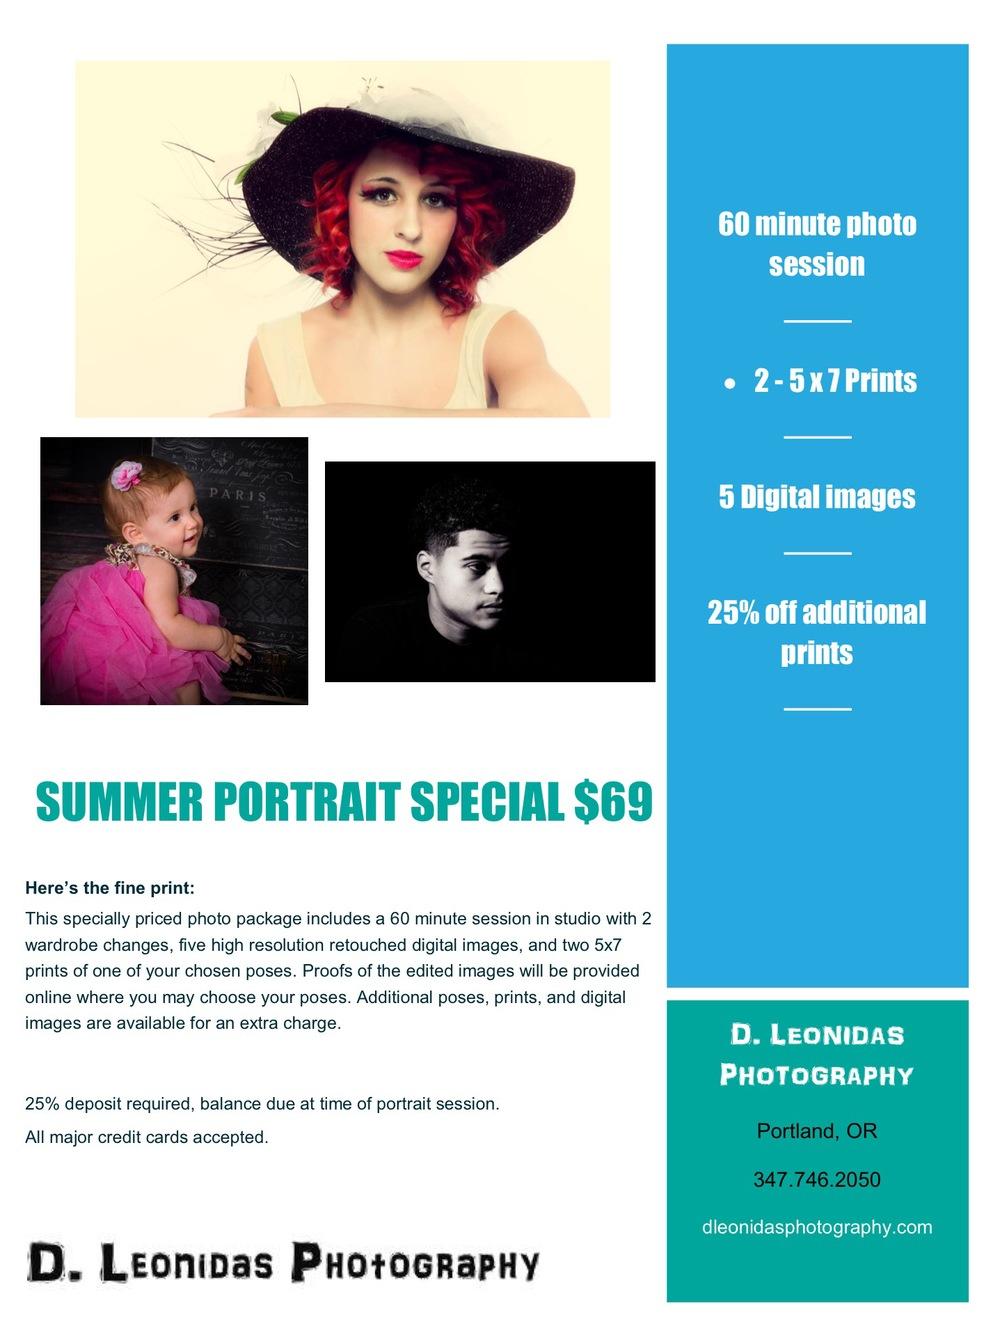 Summer Special 2015